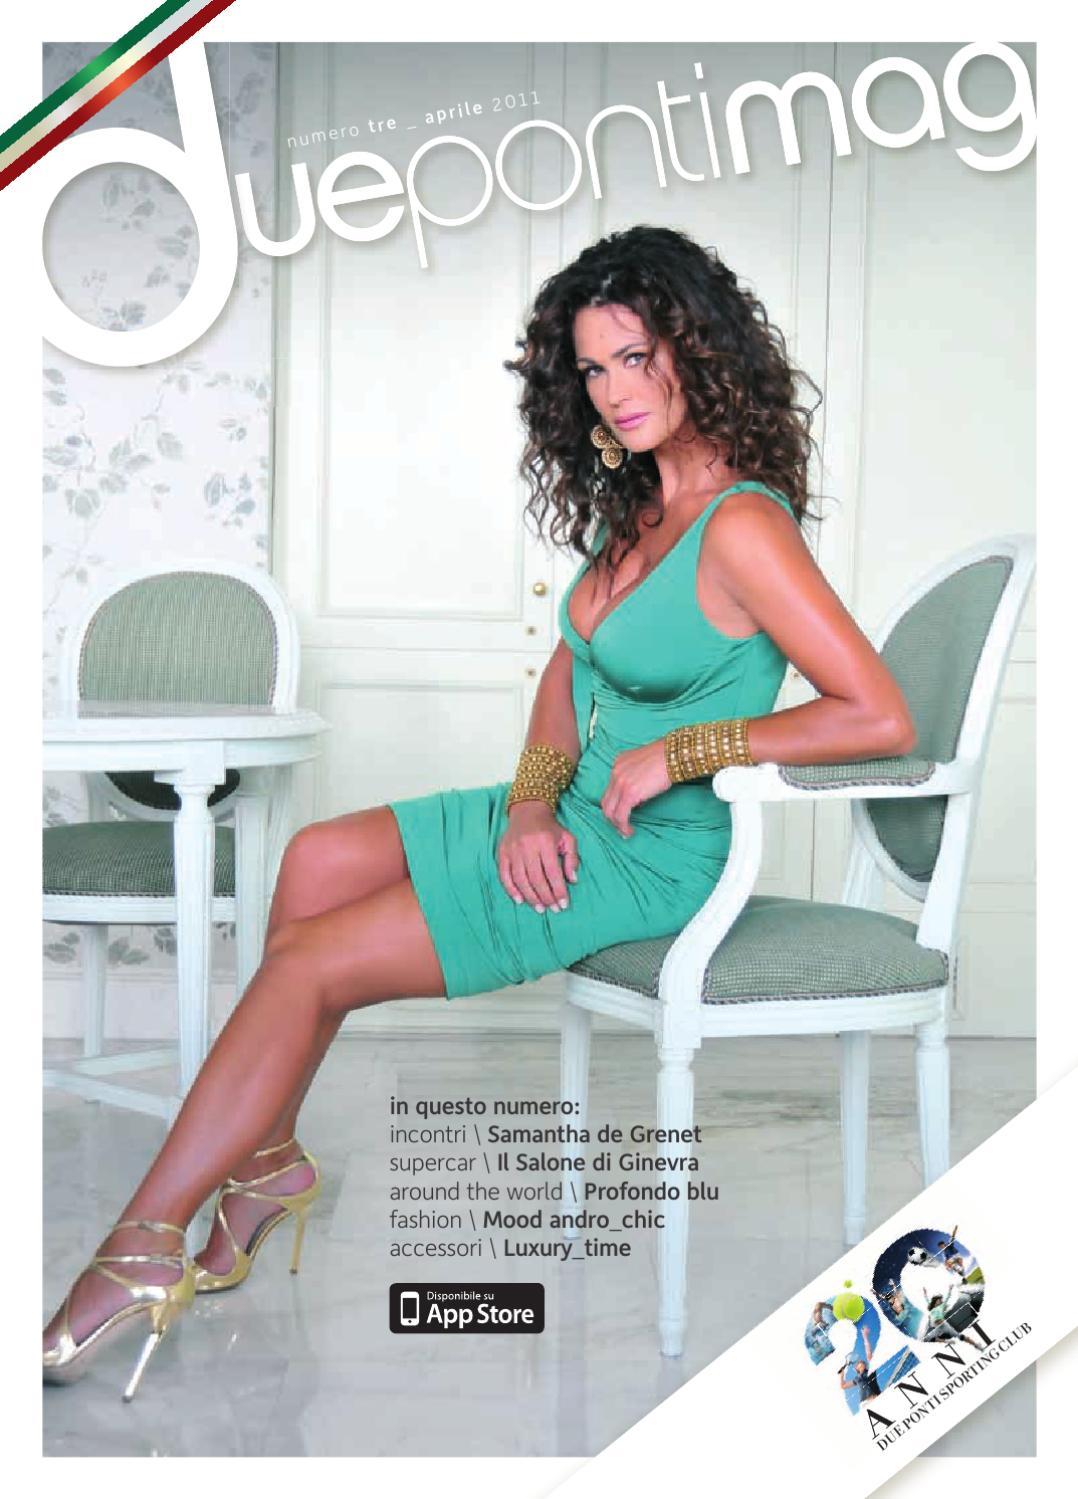 2011 Magazine Due Ponti Issuu Aprile Briglia By Luana wk80XNPnO